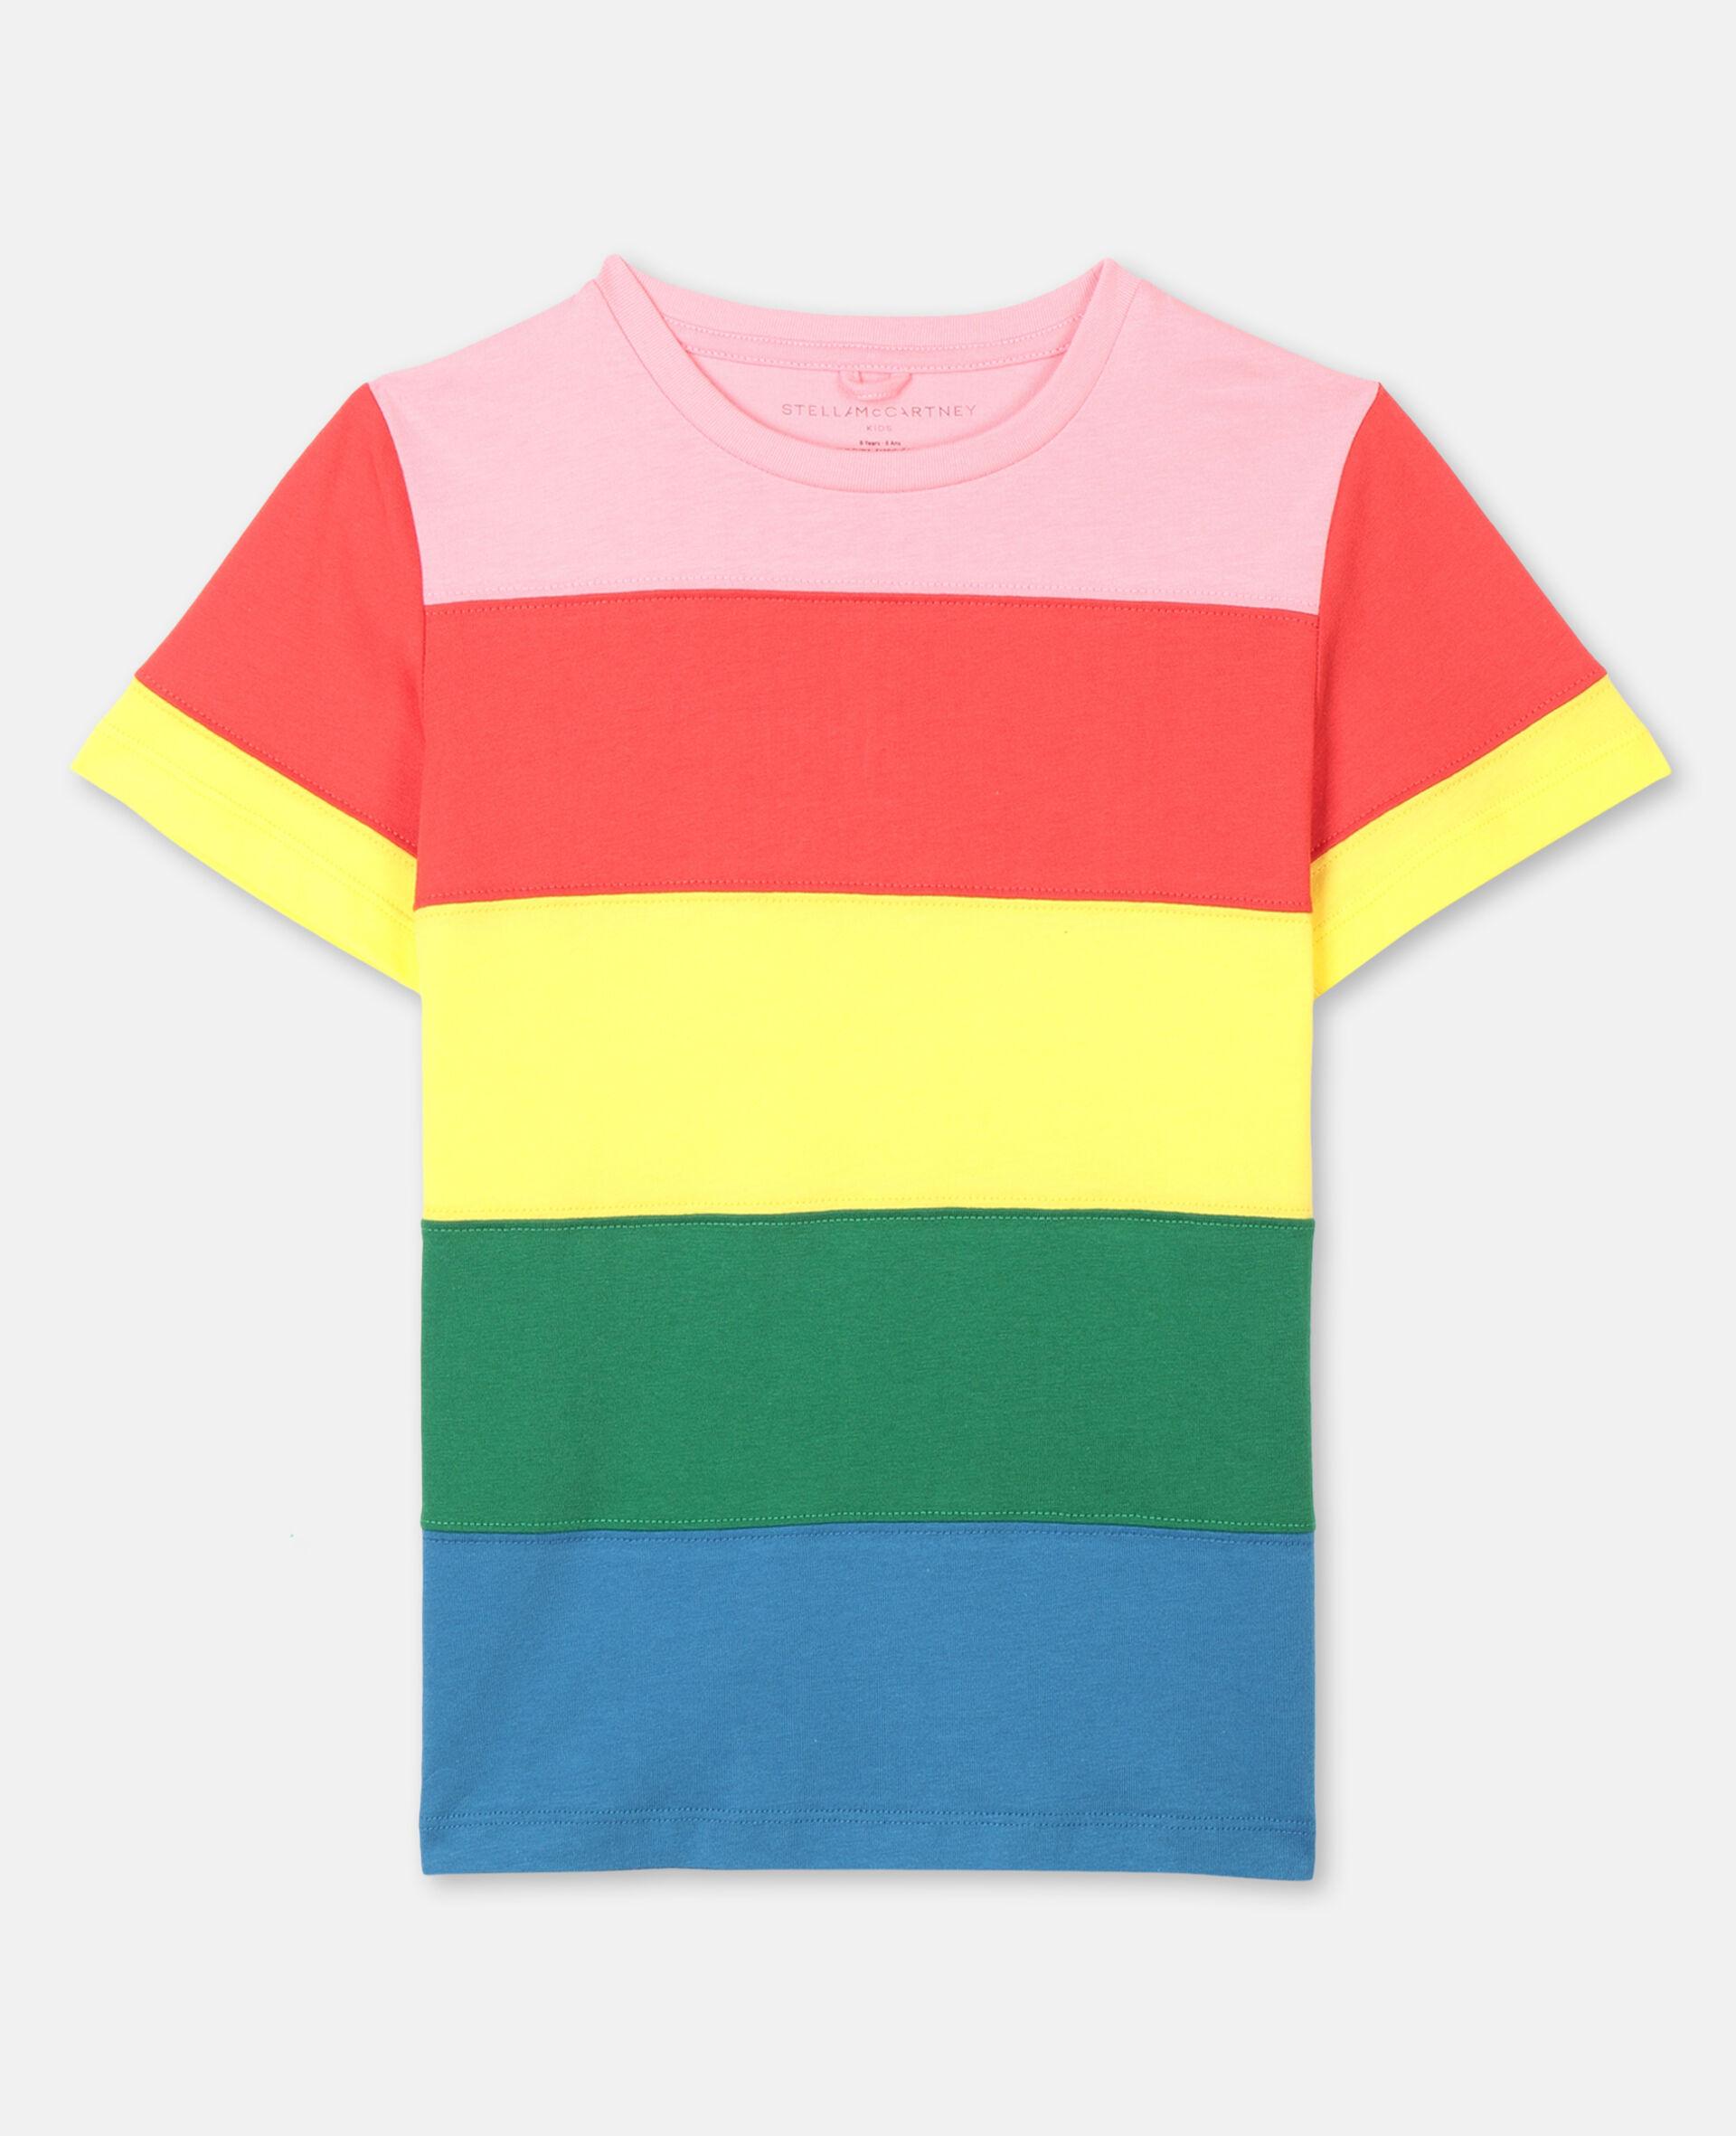 T-shirt en coton rayé-Fantaisie-large image number 0